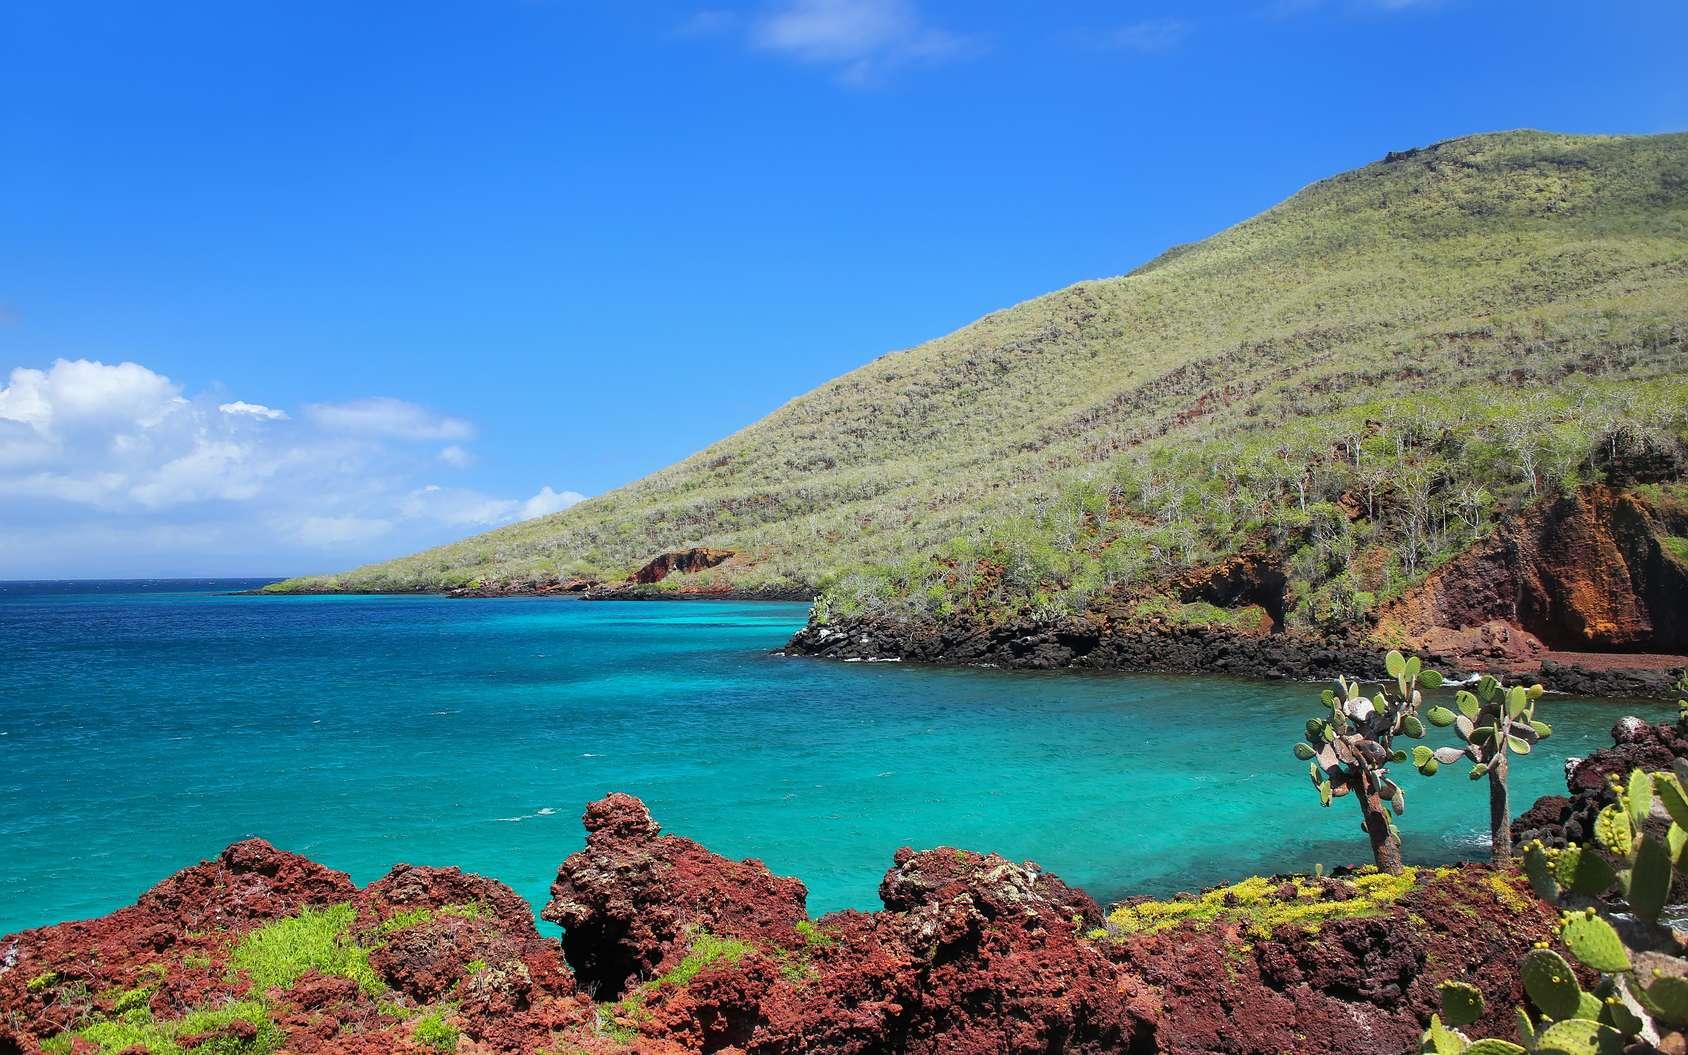 Les chercheurs ont exploré le secret de la biodiversité des îles Galápagos pour mieux la protéger contre les dégradations du climat. © donyanedomam, Fotolia